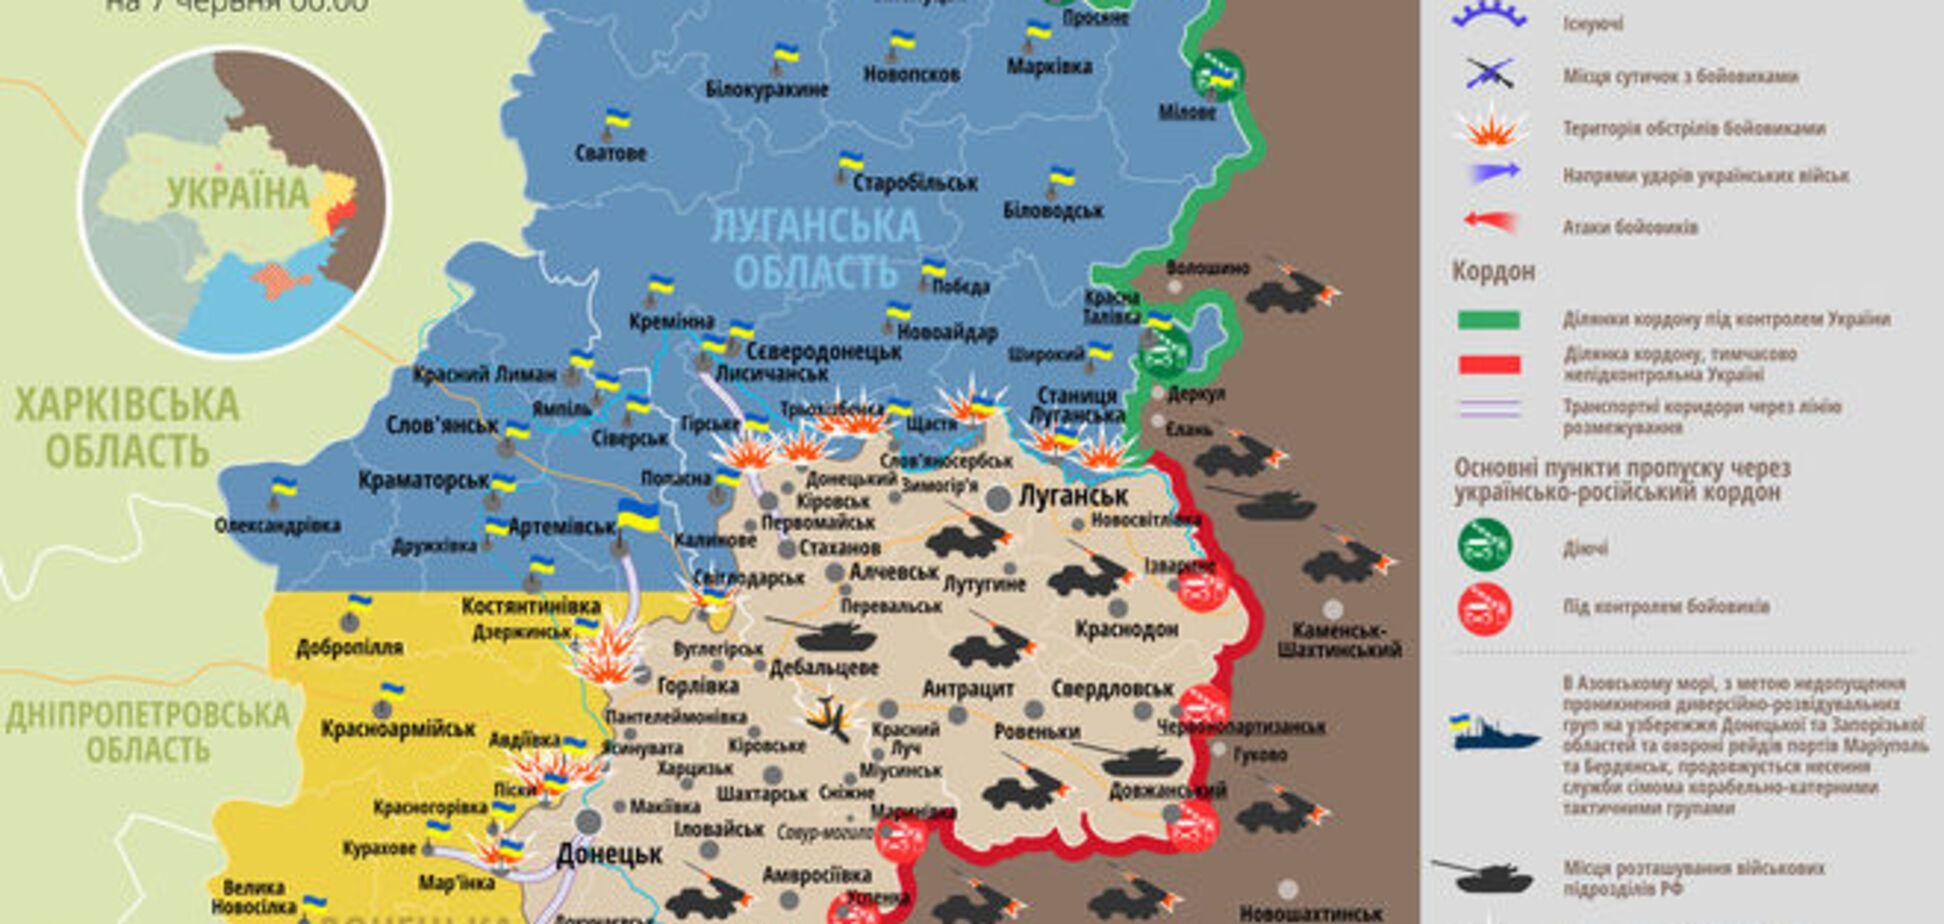 Счастье, Марьинка, Широкино опять под ударом террористов: карта АТО